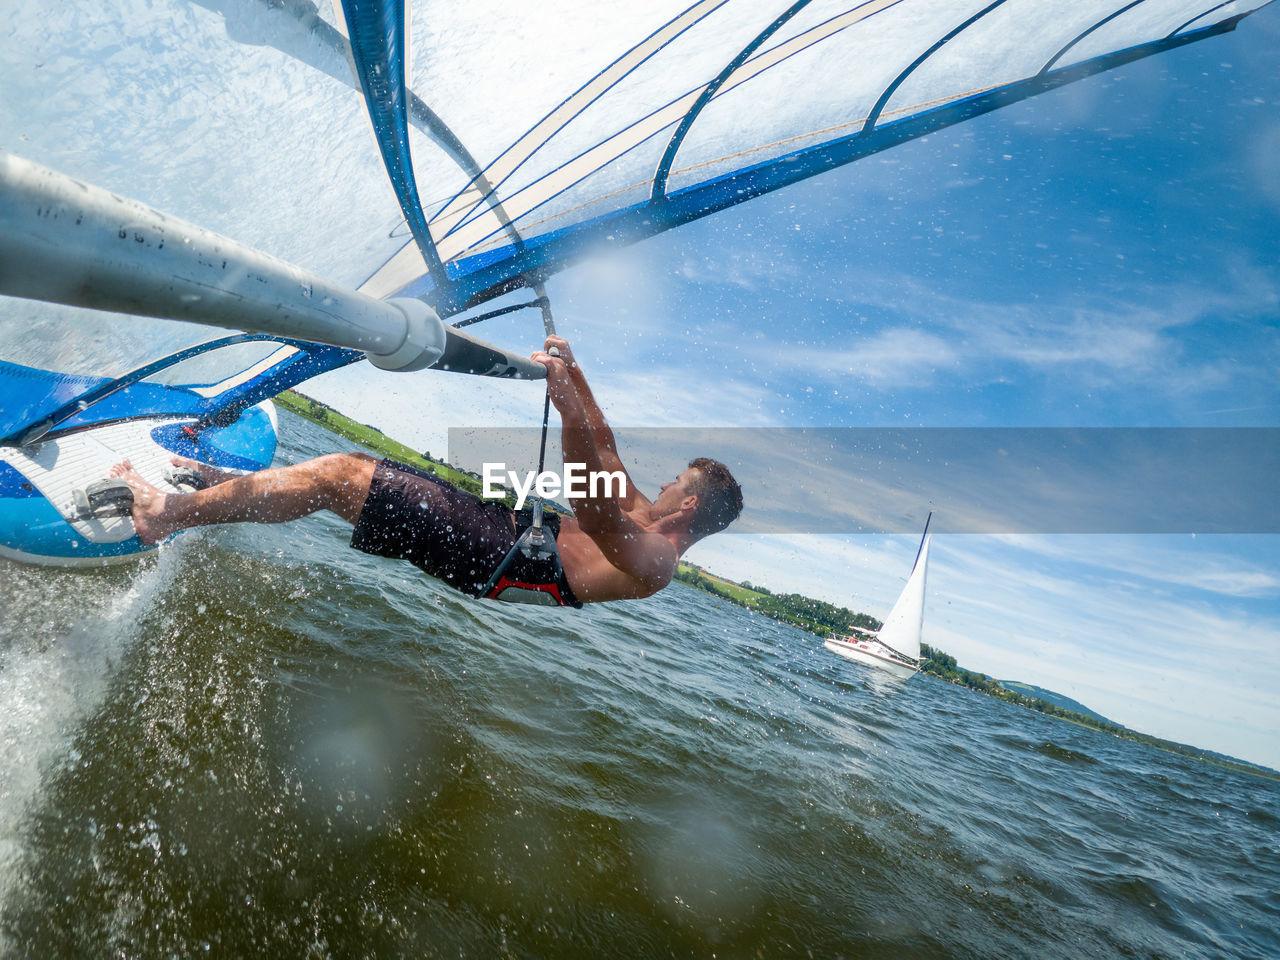 MAN SPLASHING WATER IN SEA